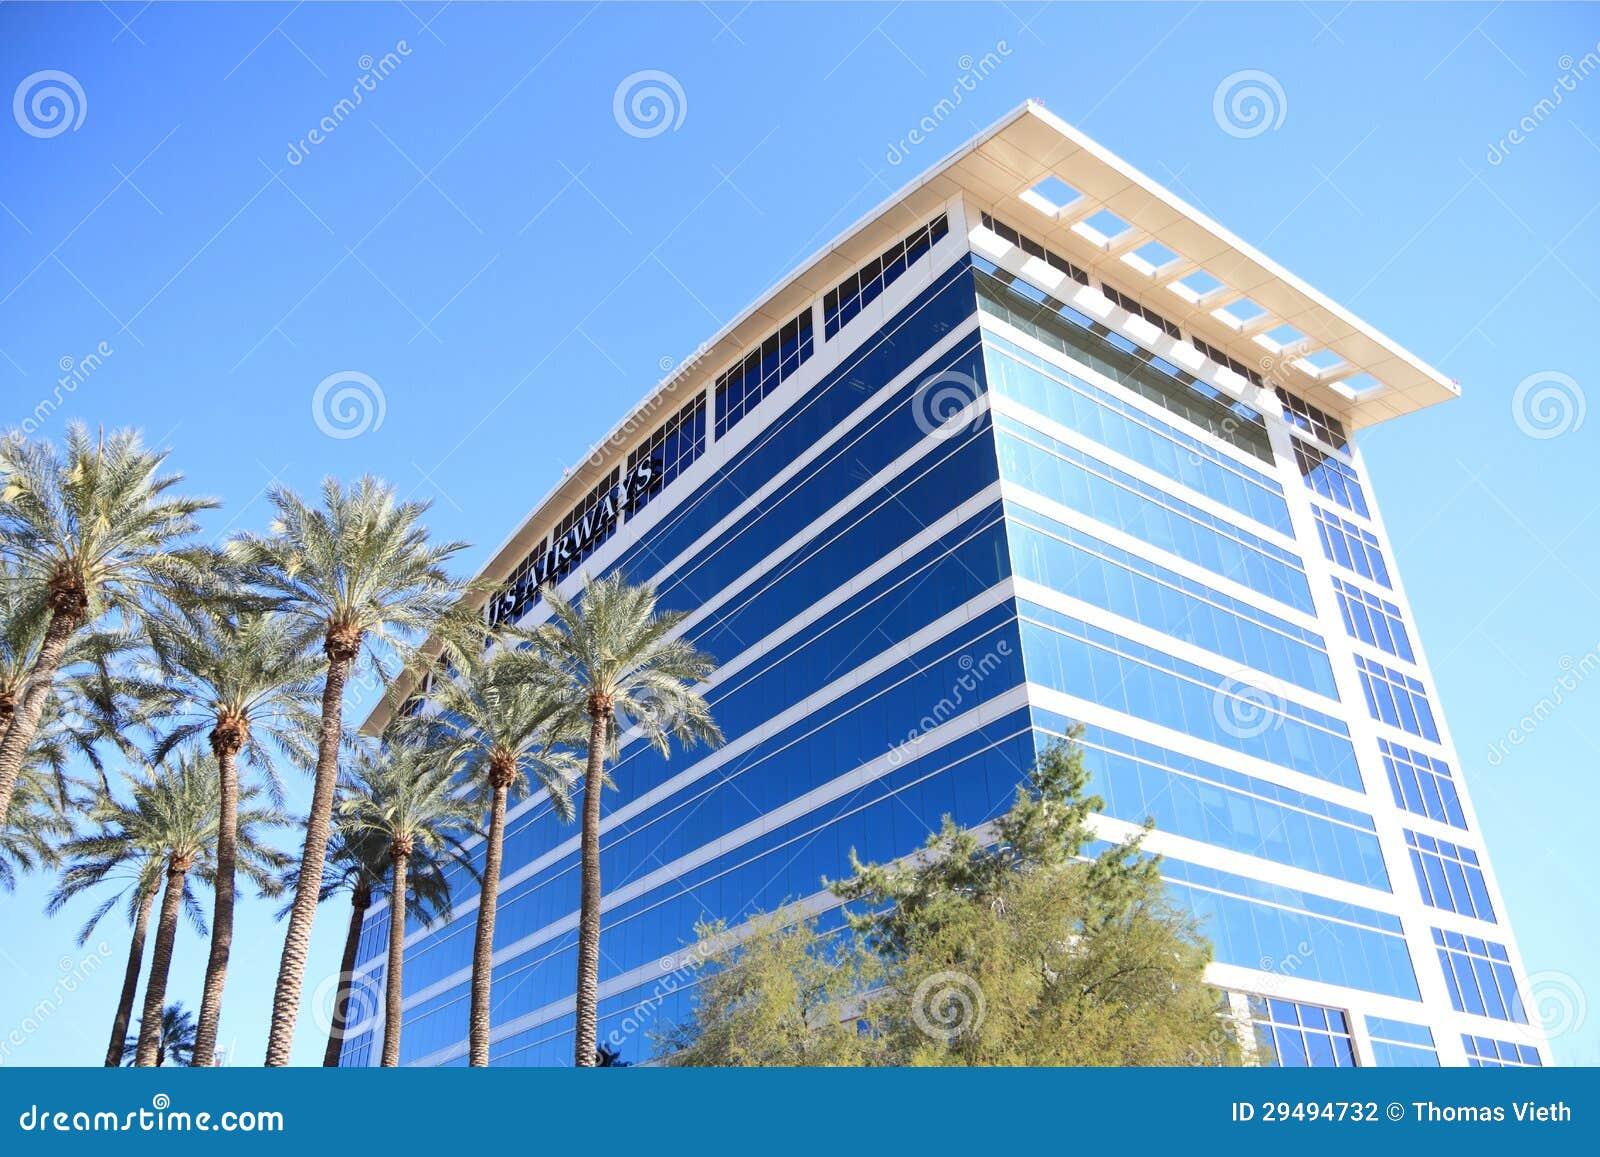 Us Airways företags högkvarter, Tempe